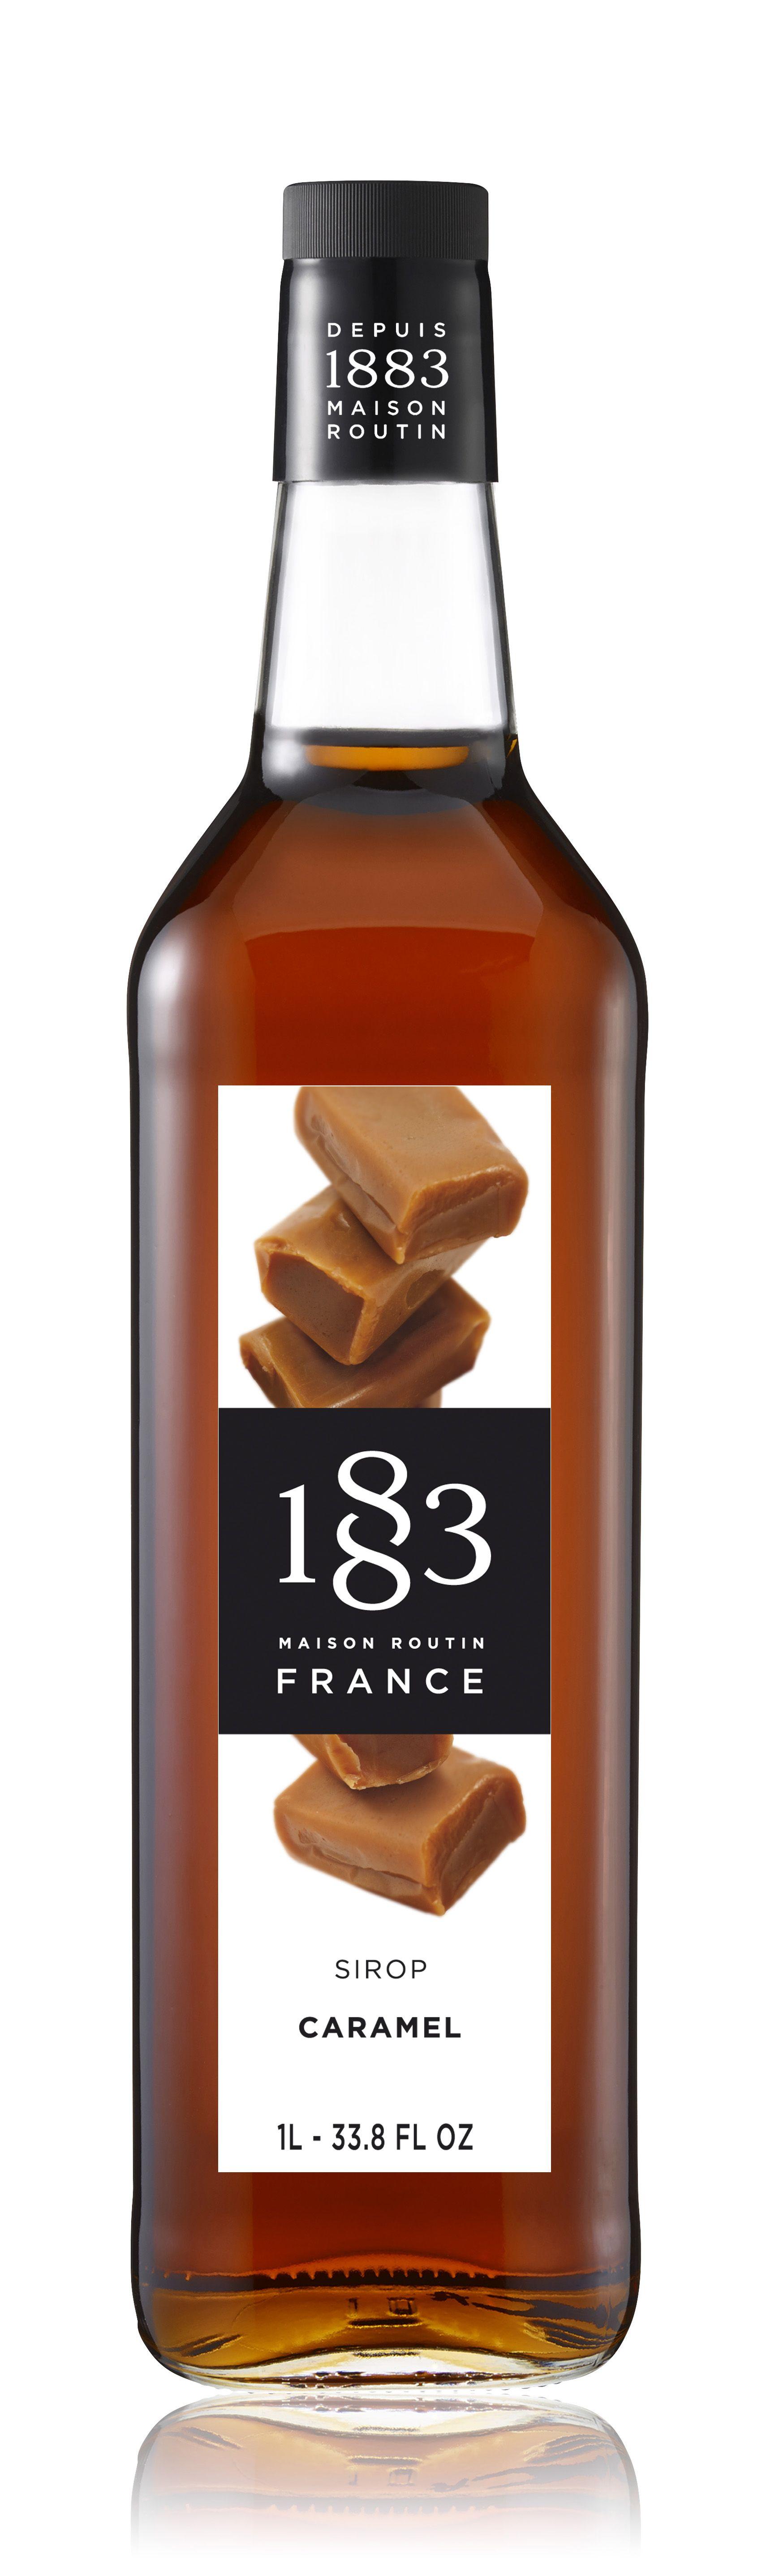 سيروب روتين 183 بنكهة الشكولاتة